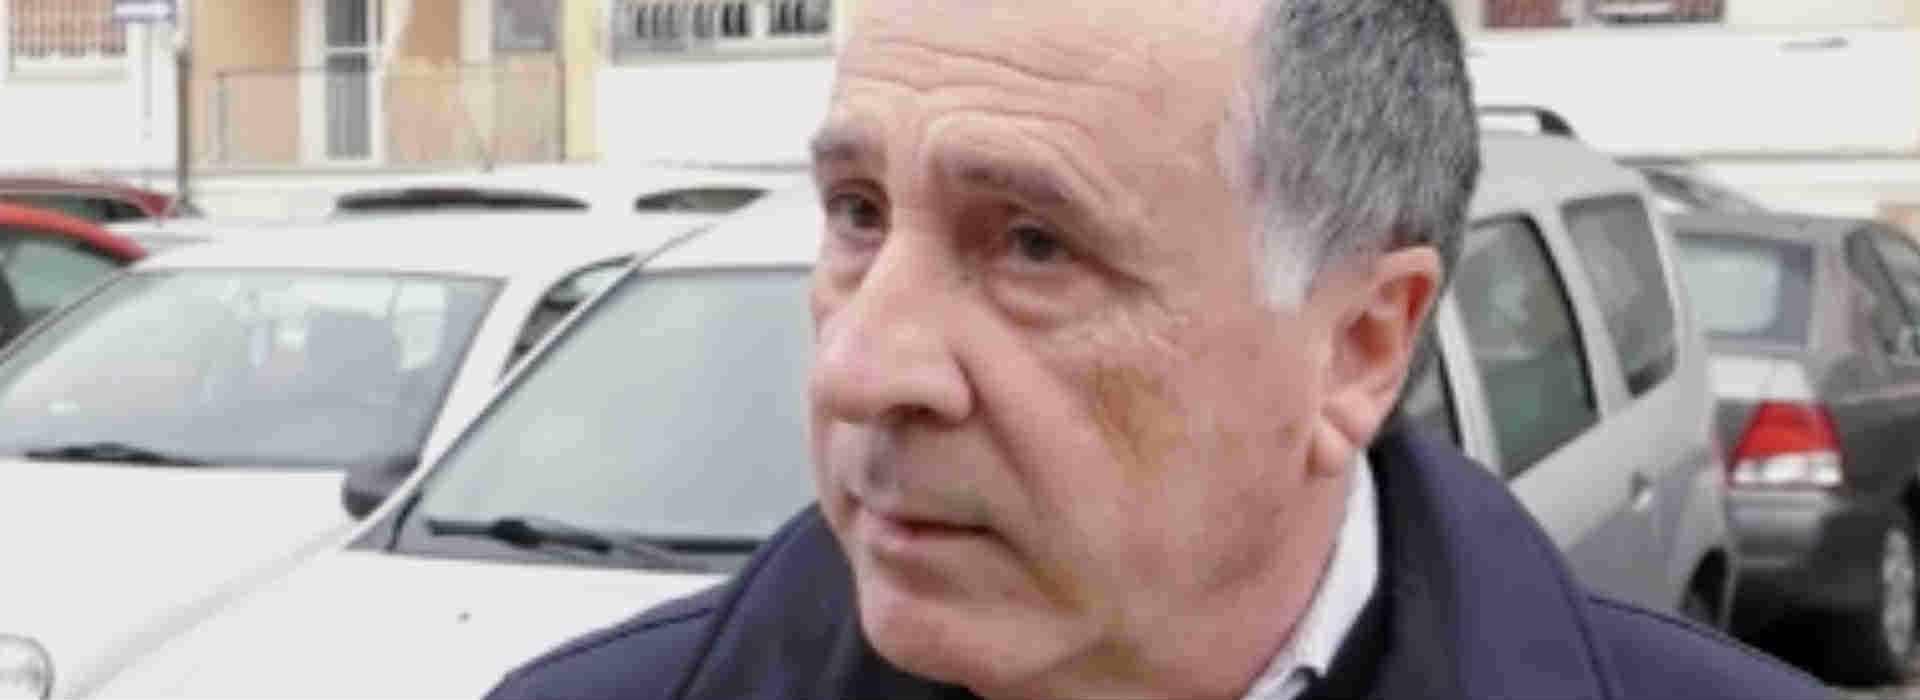 Umberto di Nuzzo intervistato